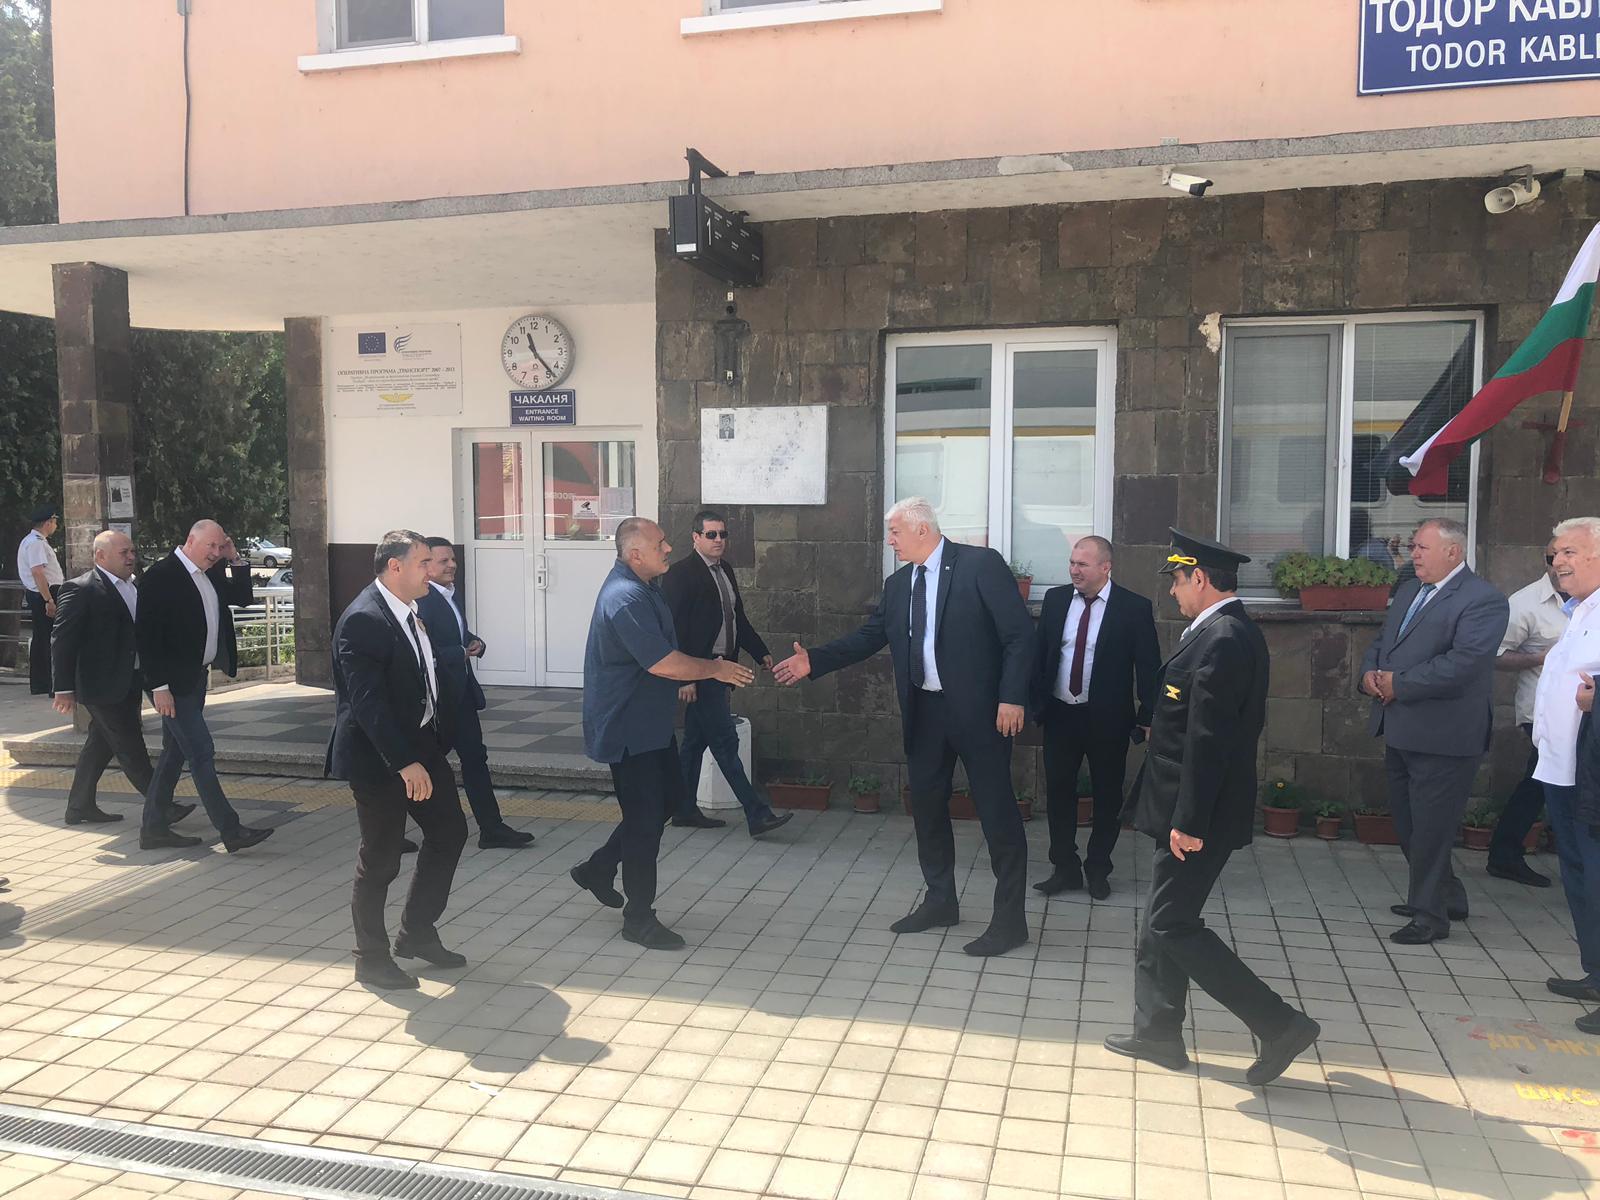 32b4b194be1 Борисов слезе от джипа и се качи на влак! Обеща София-Пловдив за 70 минути